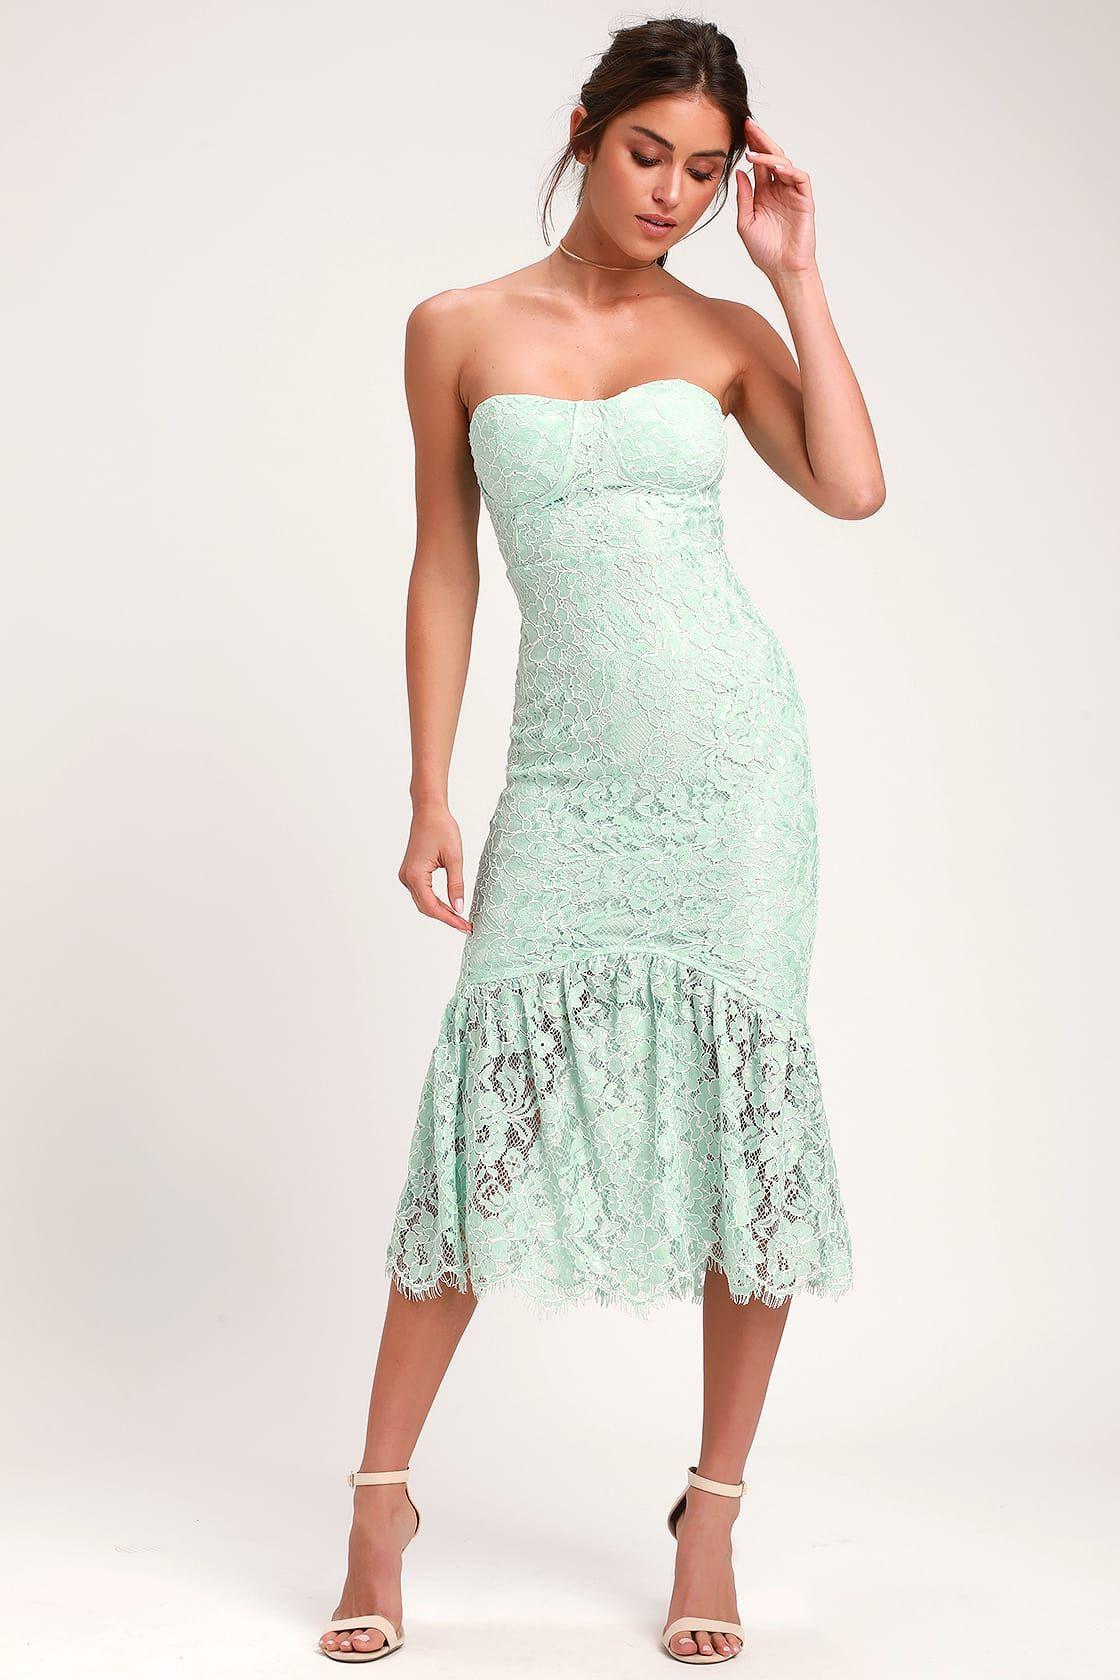 Divine nights mint green lace strapless midi dress